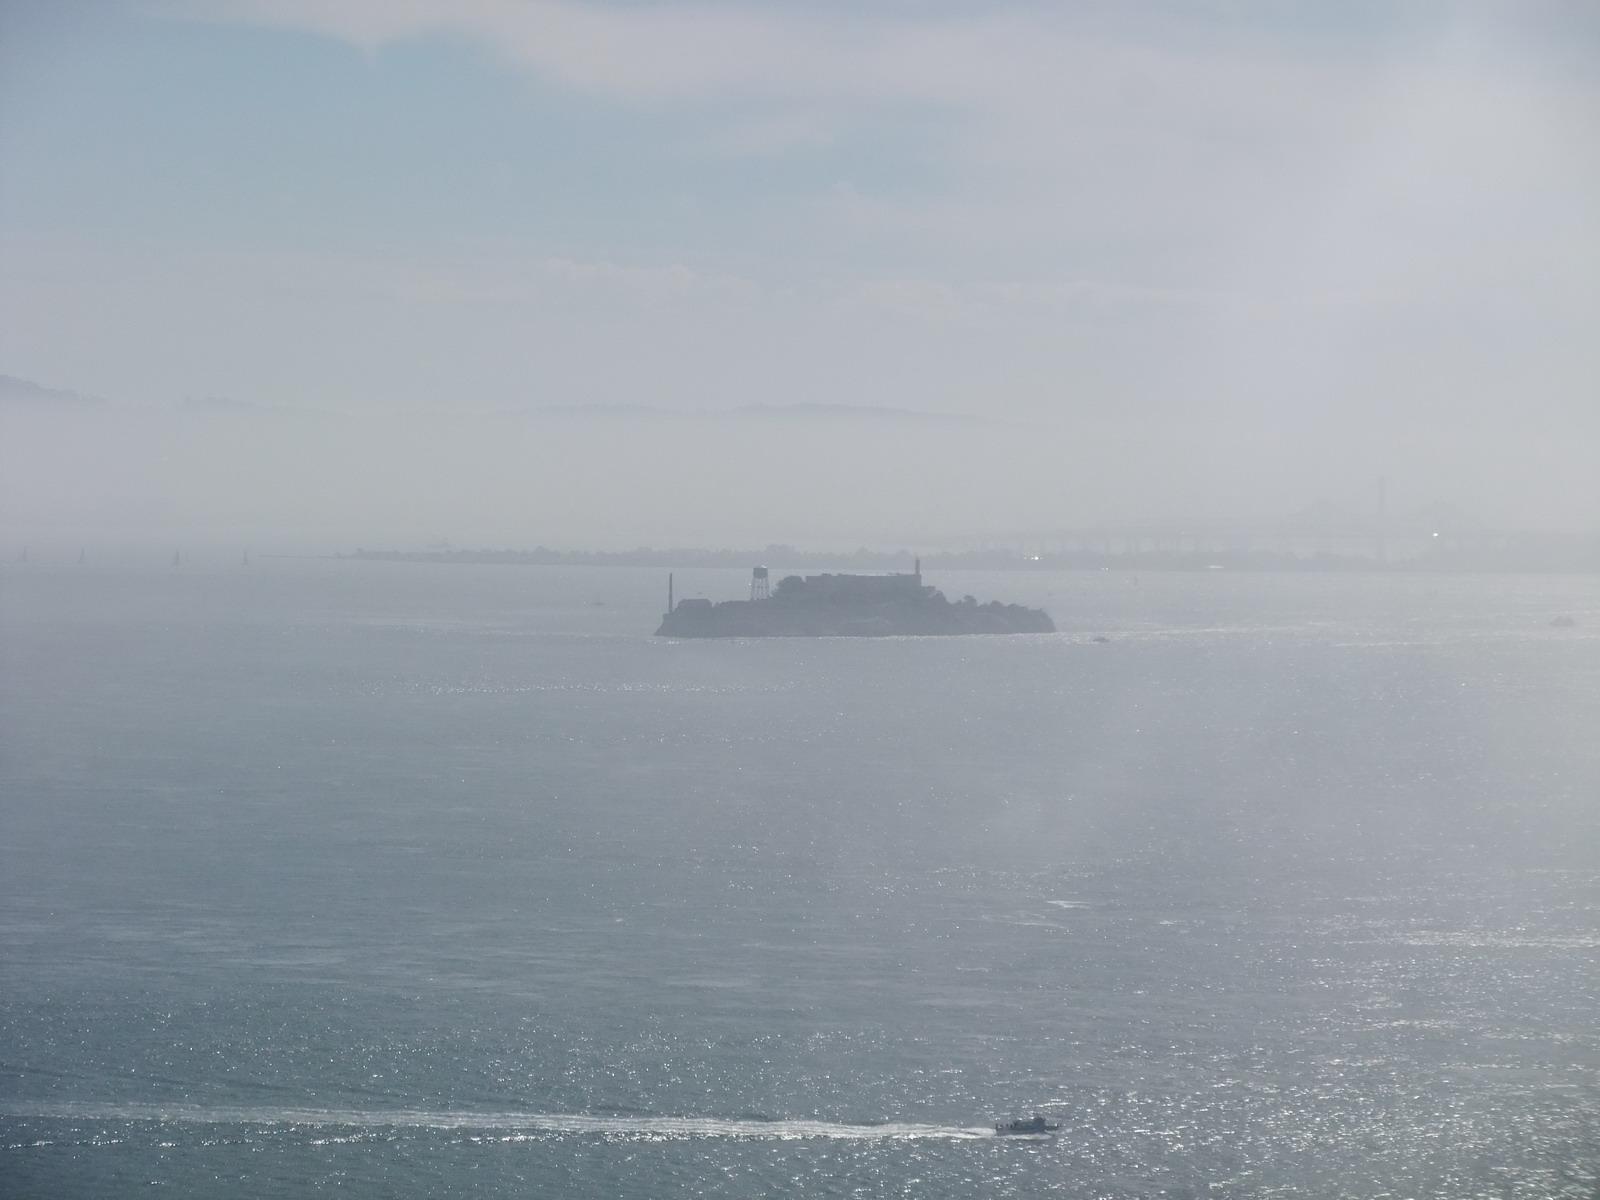 США, Сан-Франциско, остров Алкатрас